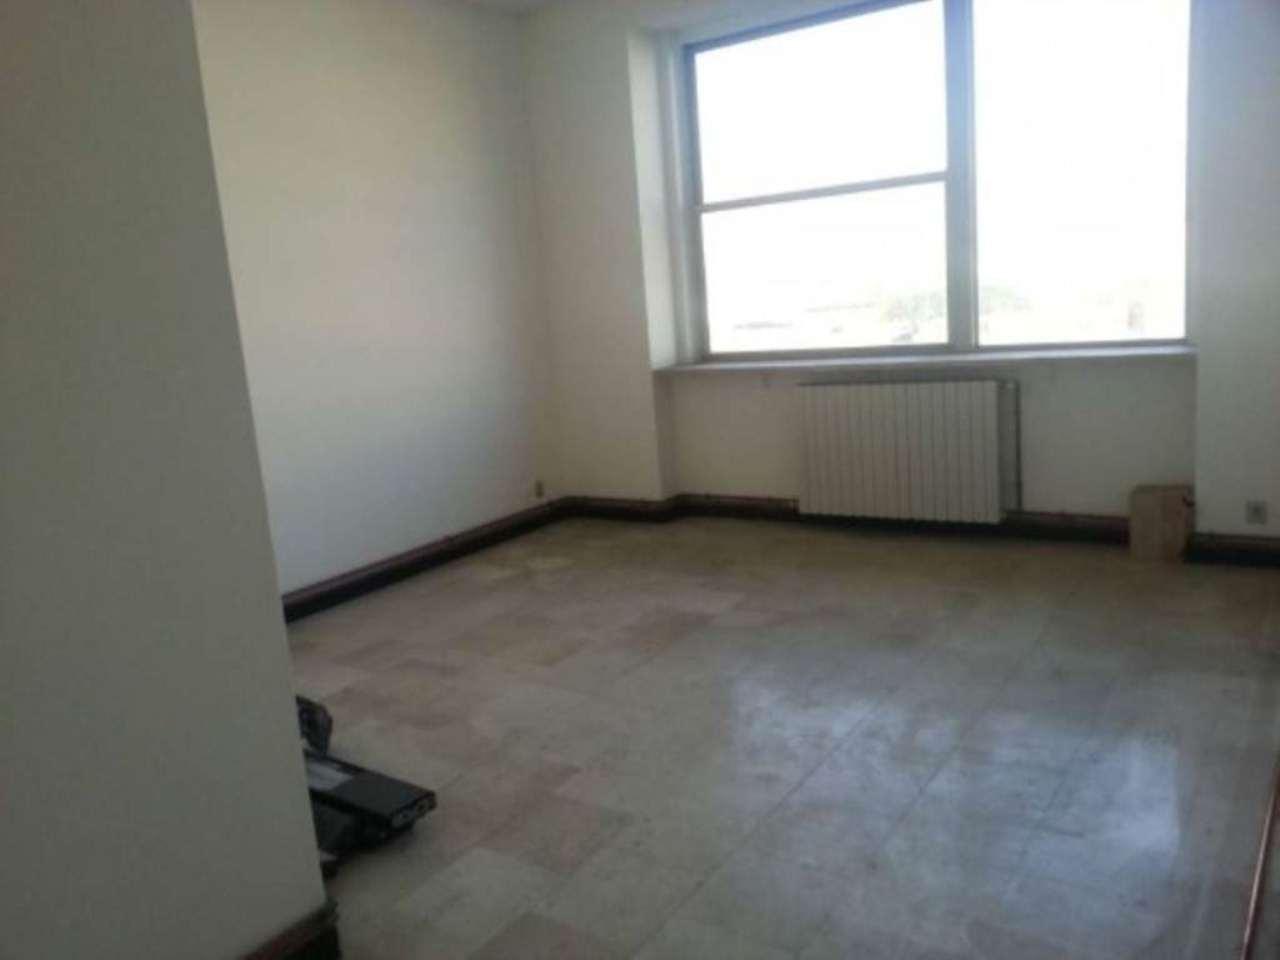 Ufficio / Studio in vendita a Cologno Monzese, 3 locali, prezzo € 180.000   CambioCasa.it